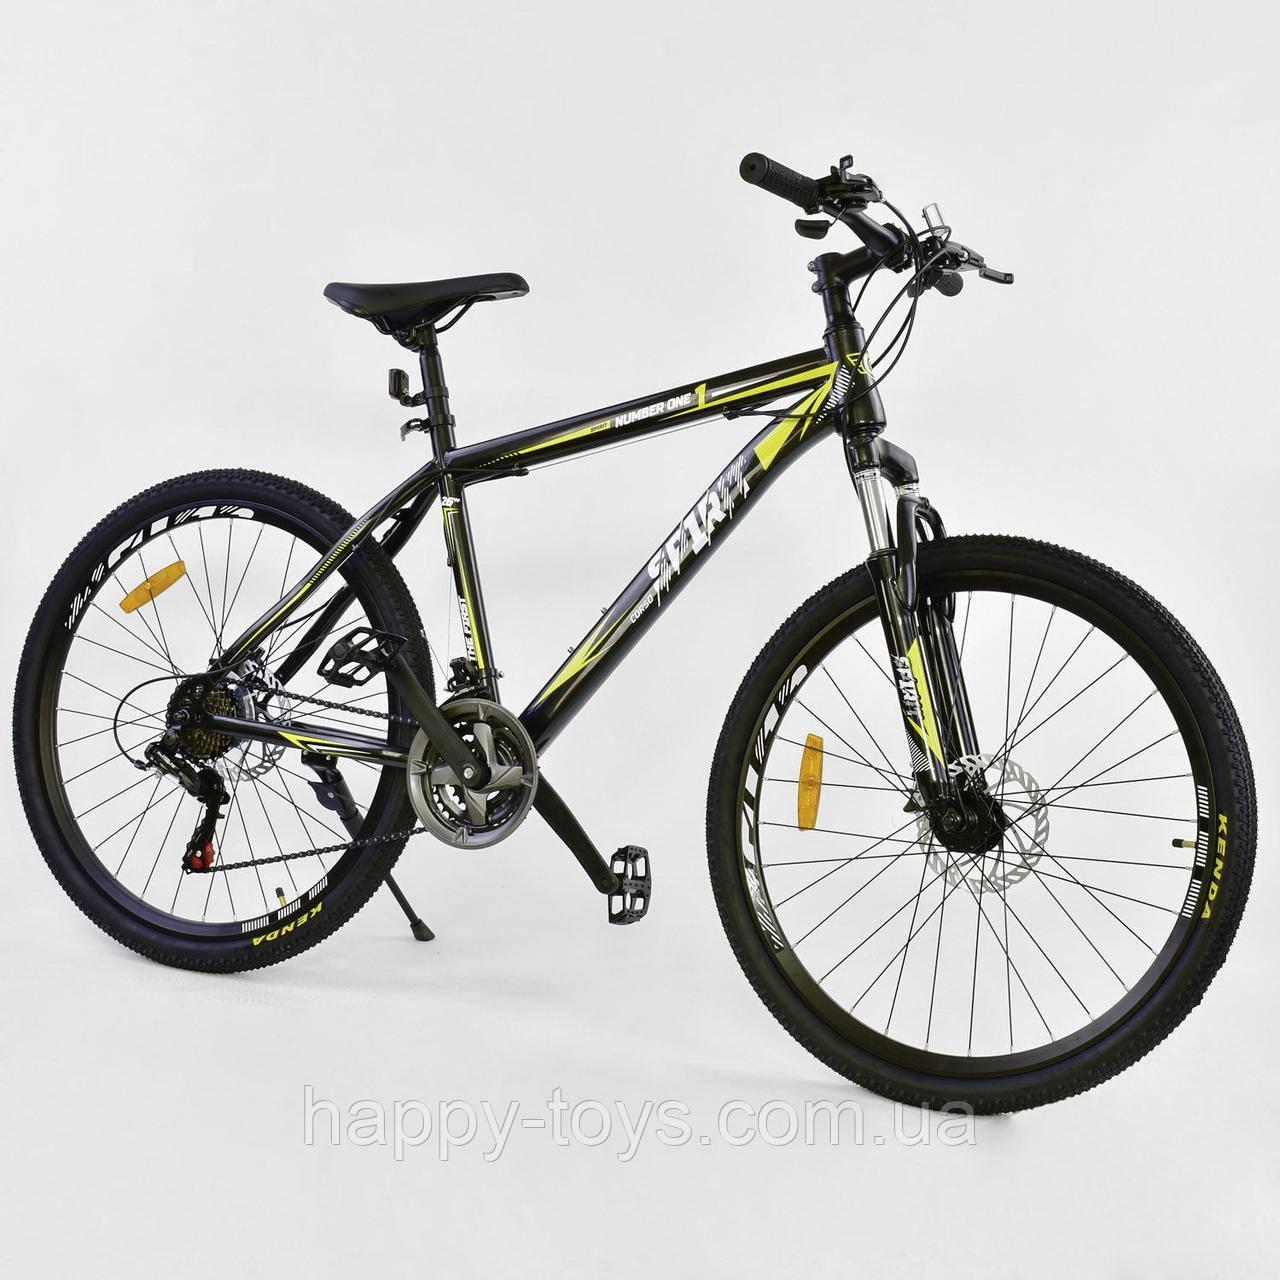 """Велосипед спортивный 26""""дюймов, ЧЁРНЫЙ, 21 скорость, рама металлическая 17"""", CORSO SPIRIT JYT 001 - 2261"""